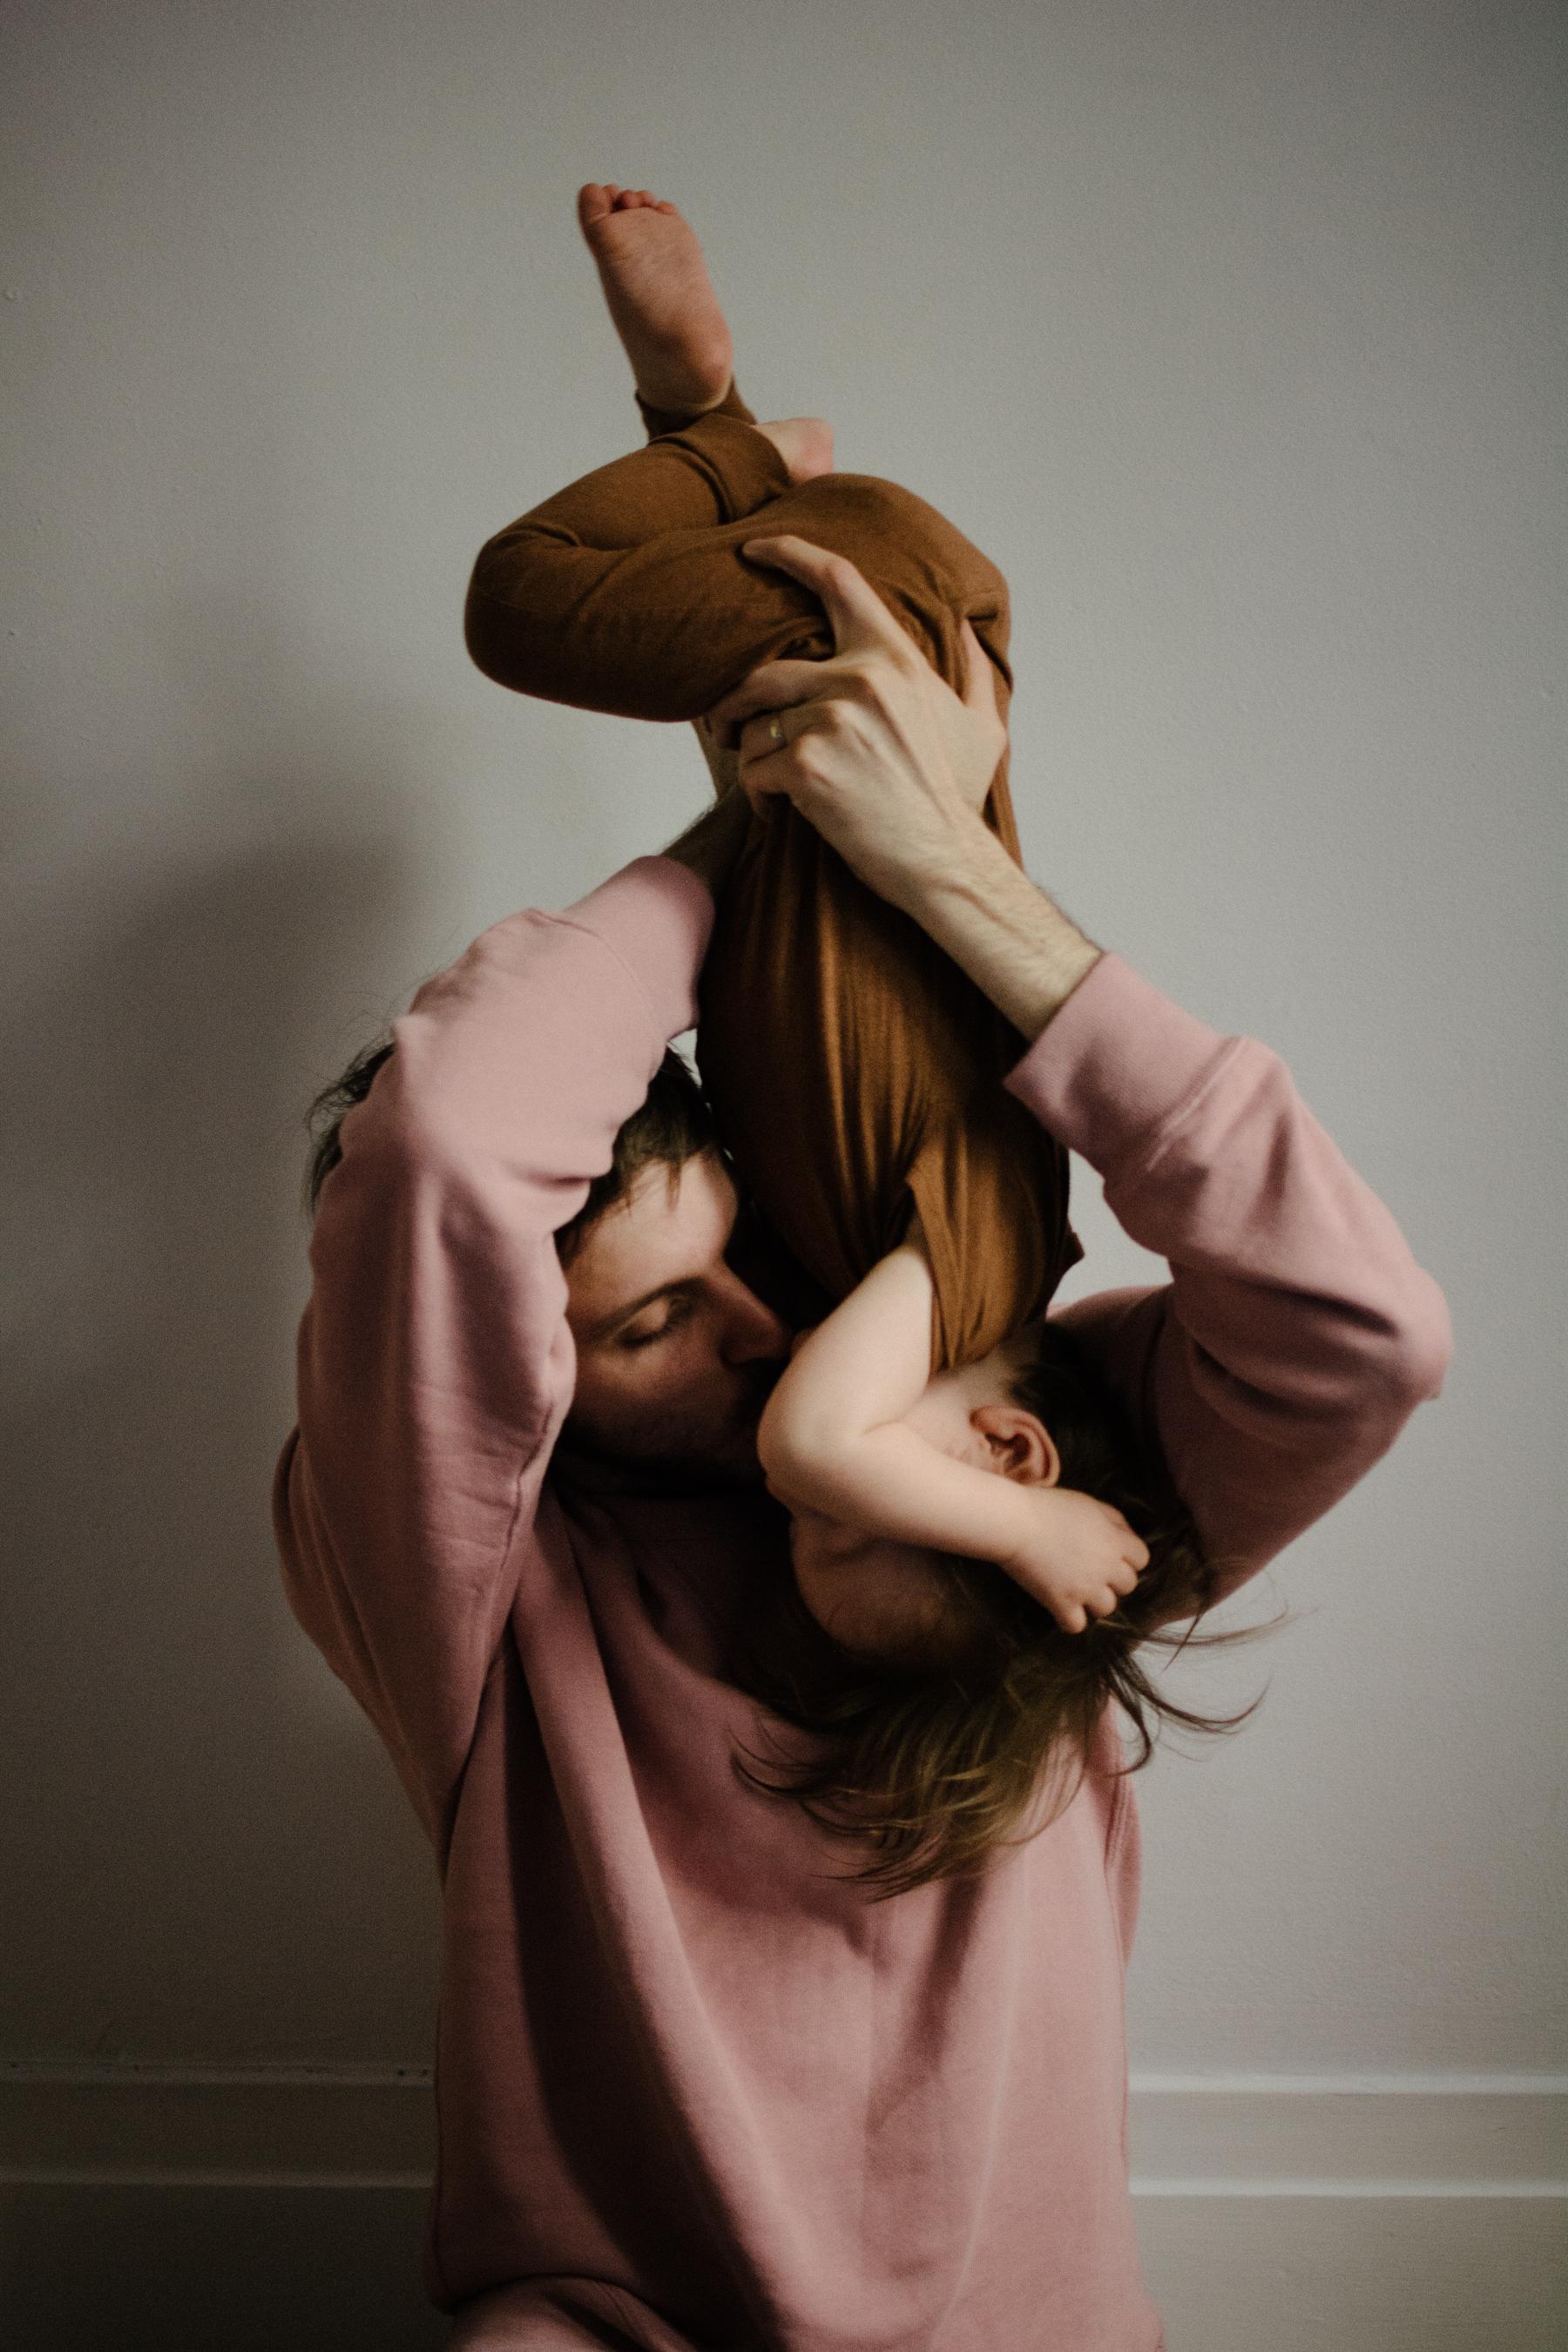 photo-d-un-pere-qui-tient-son-fils-la-tete-en-bas-et-l-embrasse-photographe-lifestyle-famille-et-nouveau-ne-a-montreal-marianne-charland-64.jpg